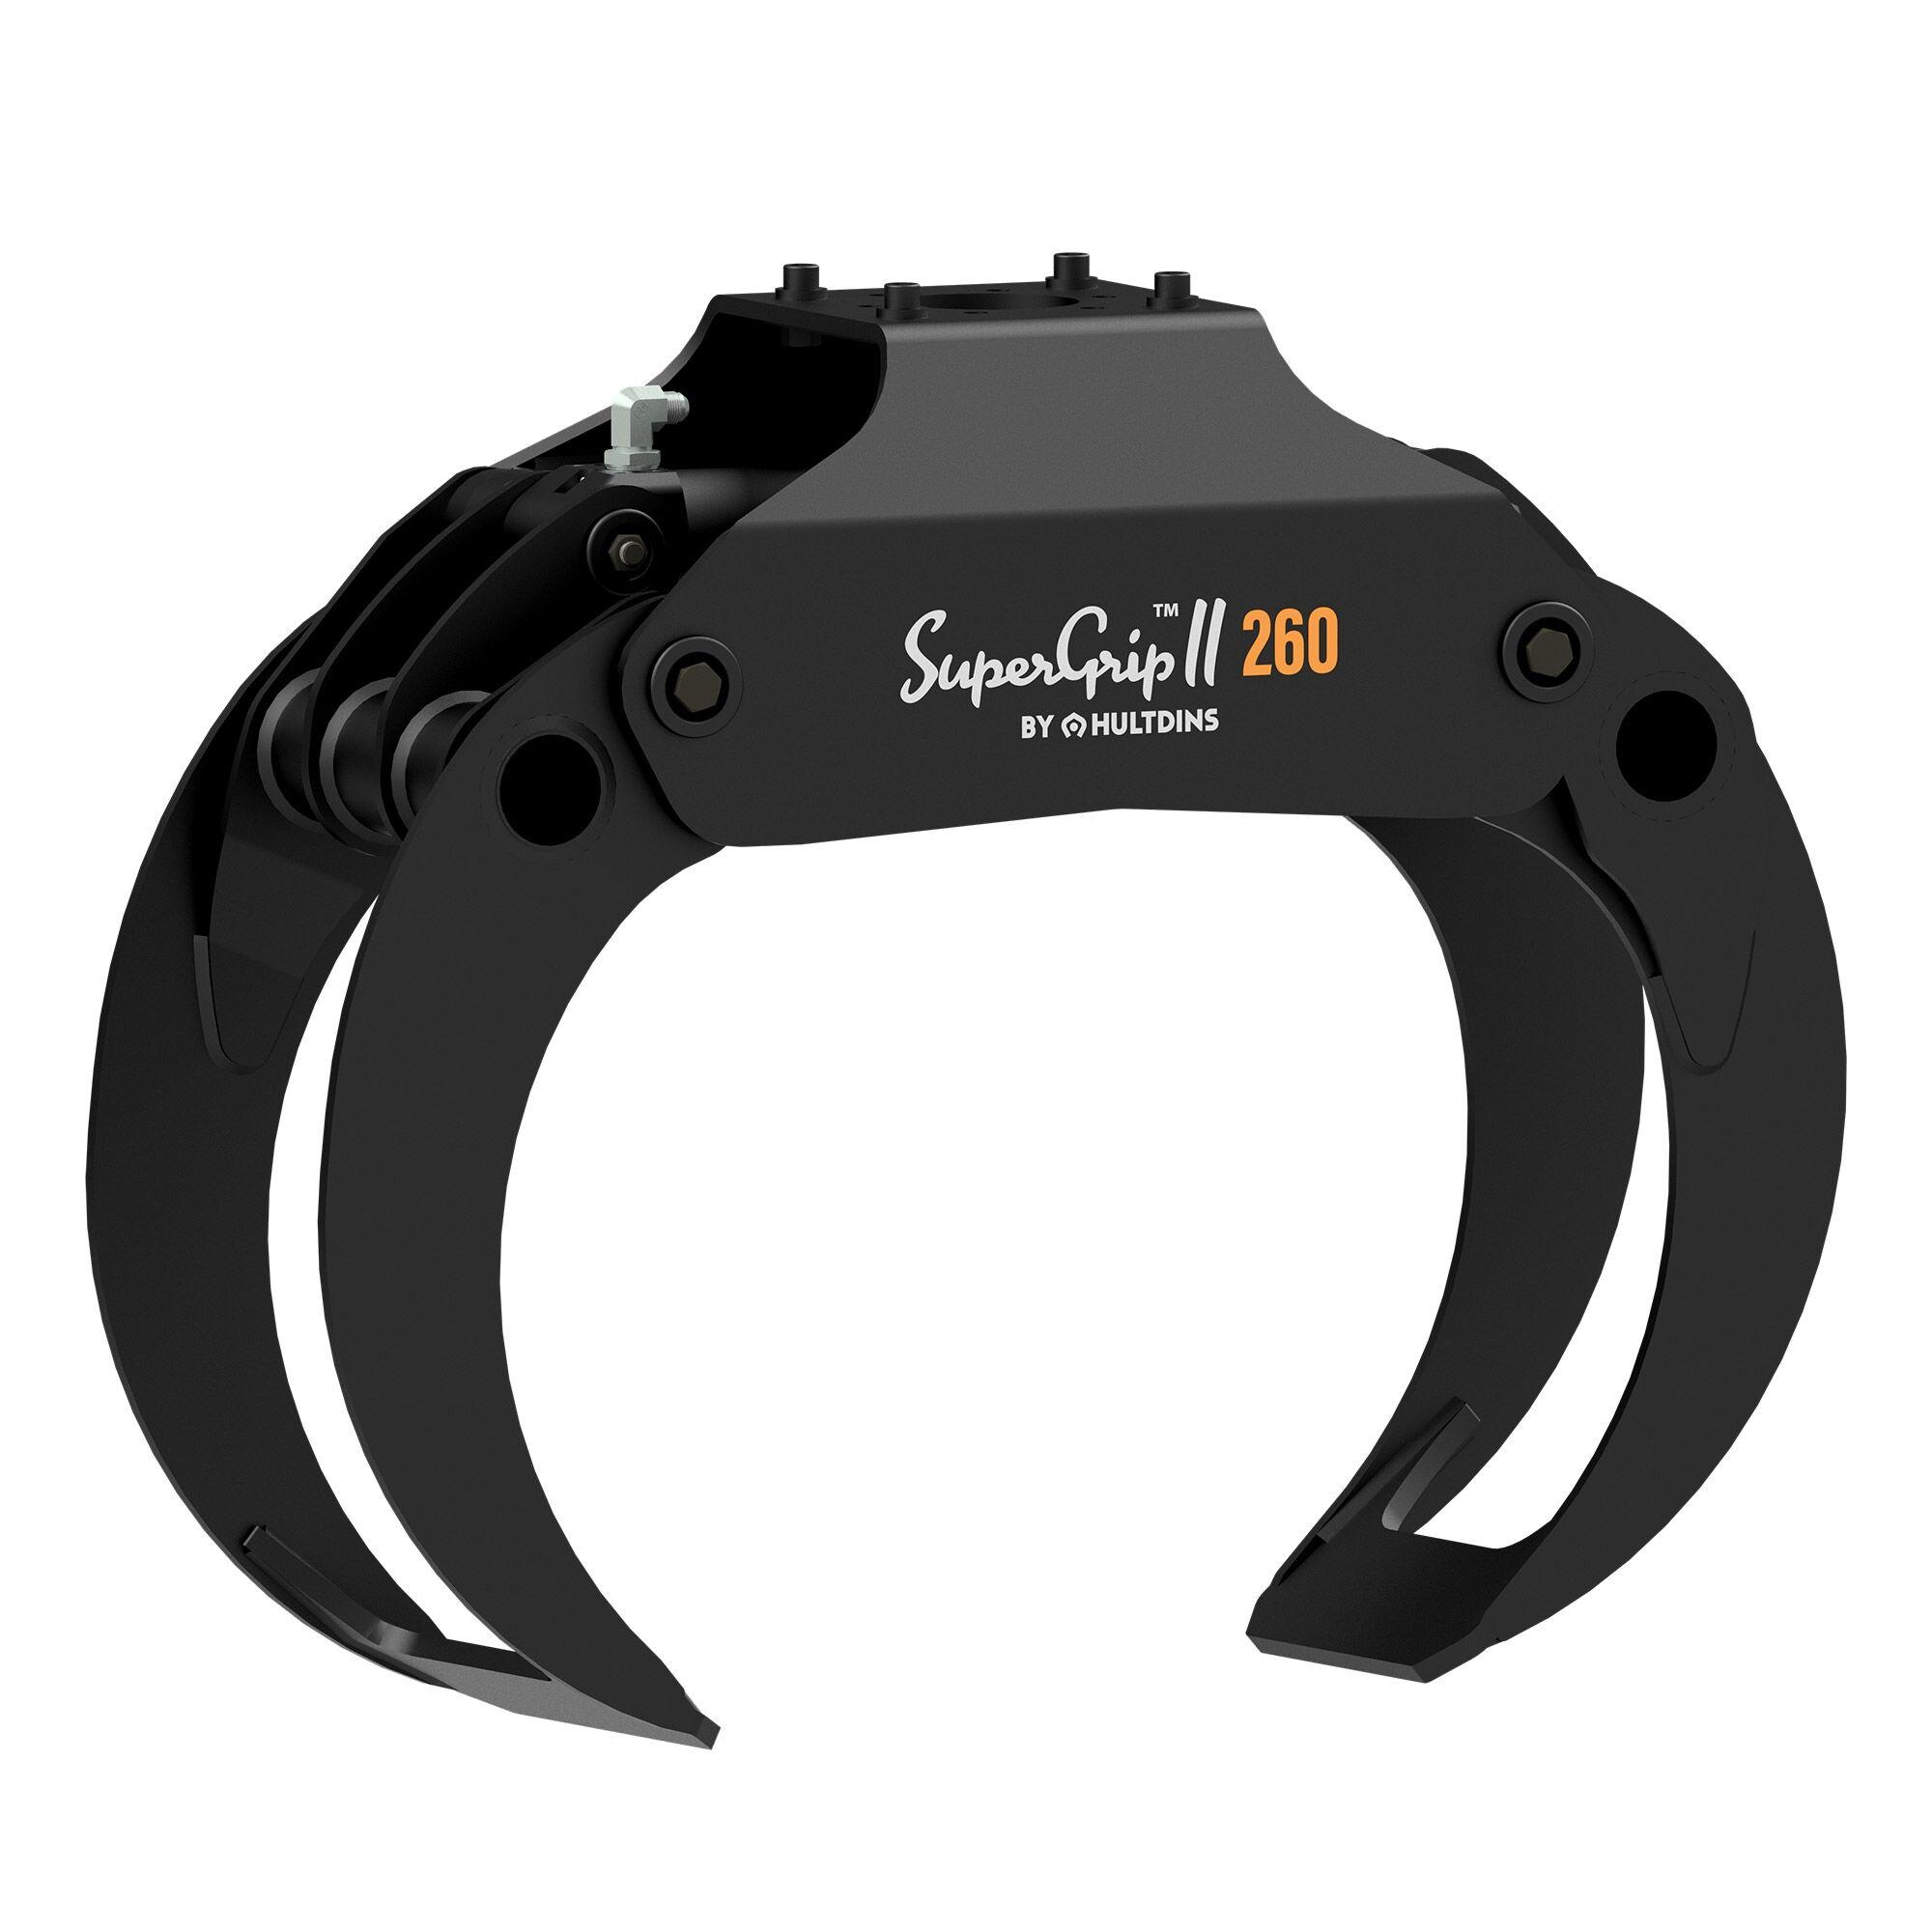 SuperGrip II 260